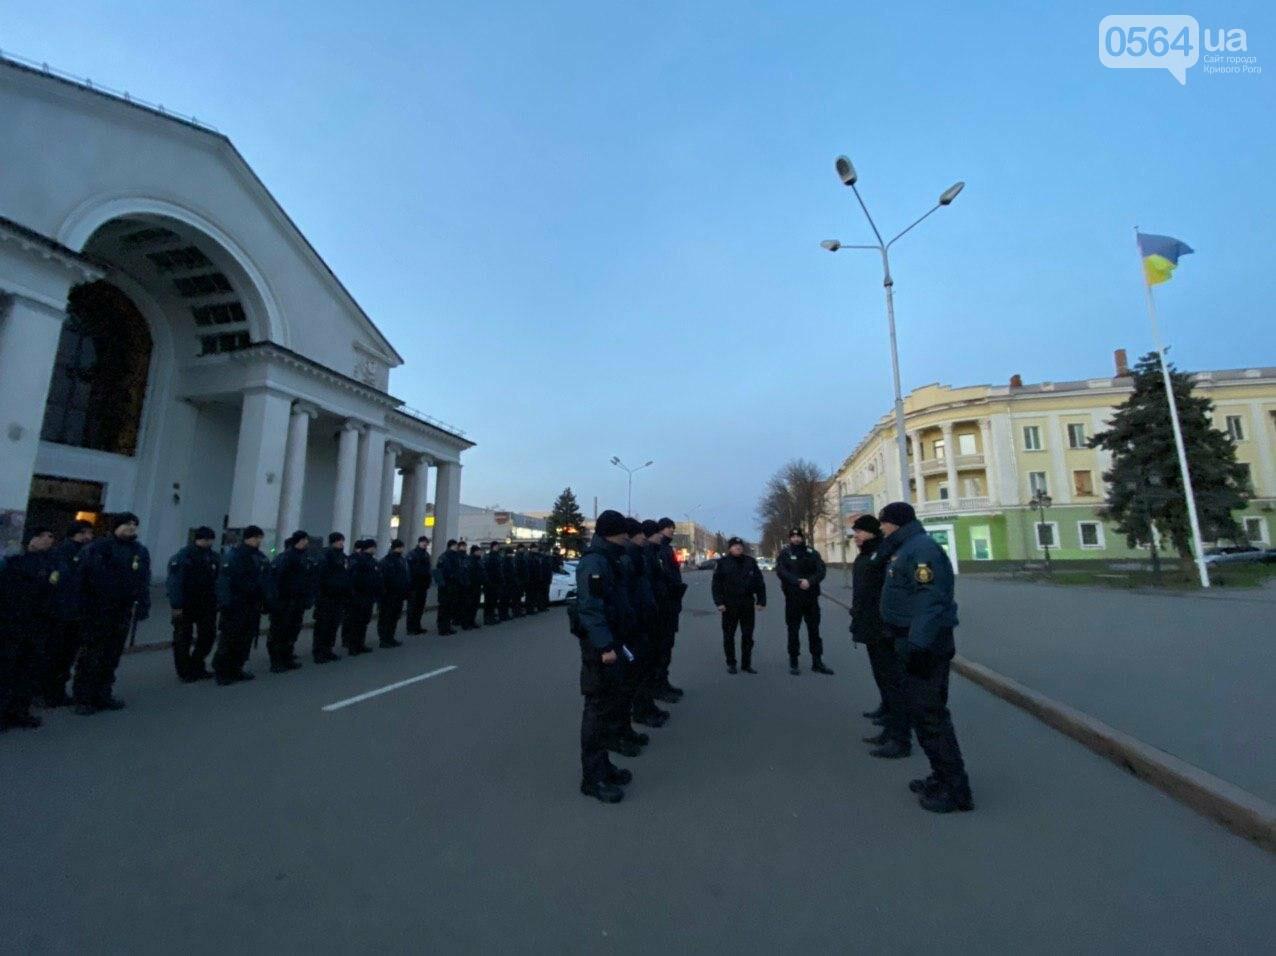 """""""Криворожане будут чувствовать себя в большей безопасности"""": в Центрально-Городском районе начались патрулирования, - ФОТО, ВИДЕО , фото-31"""